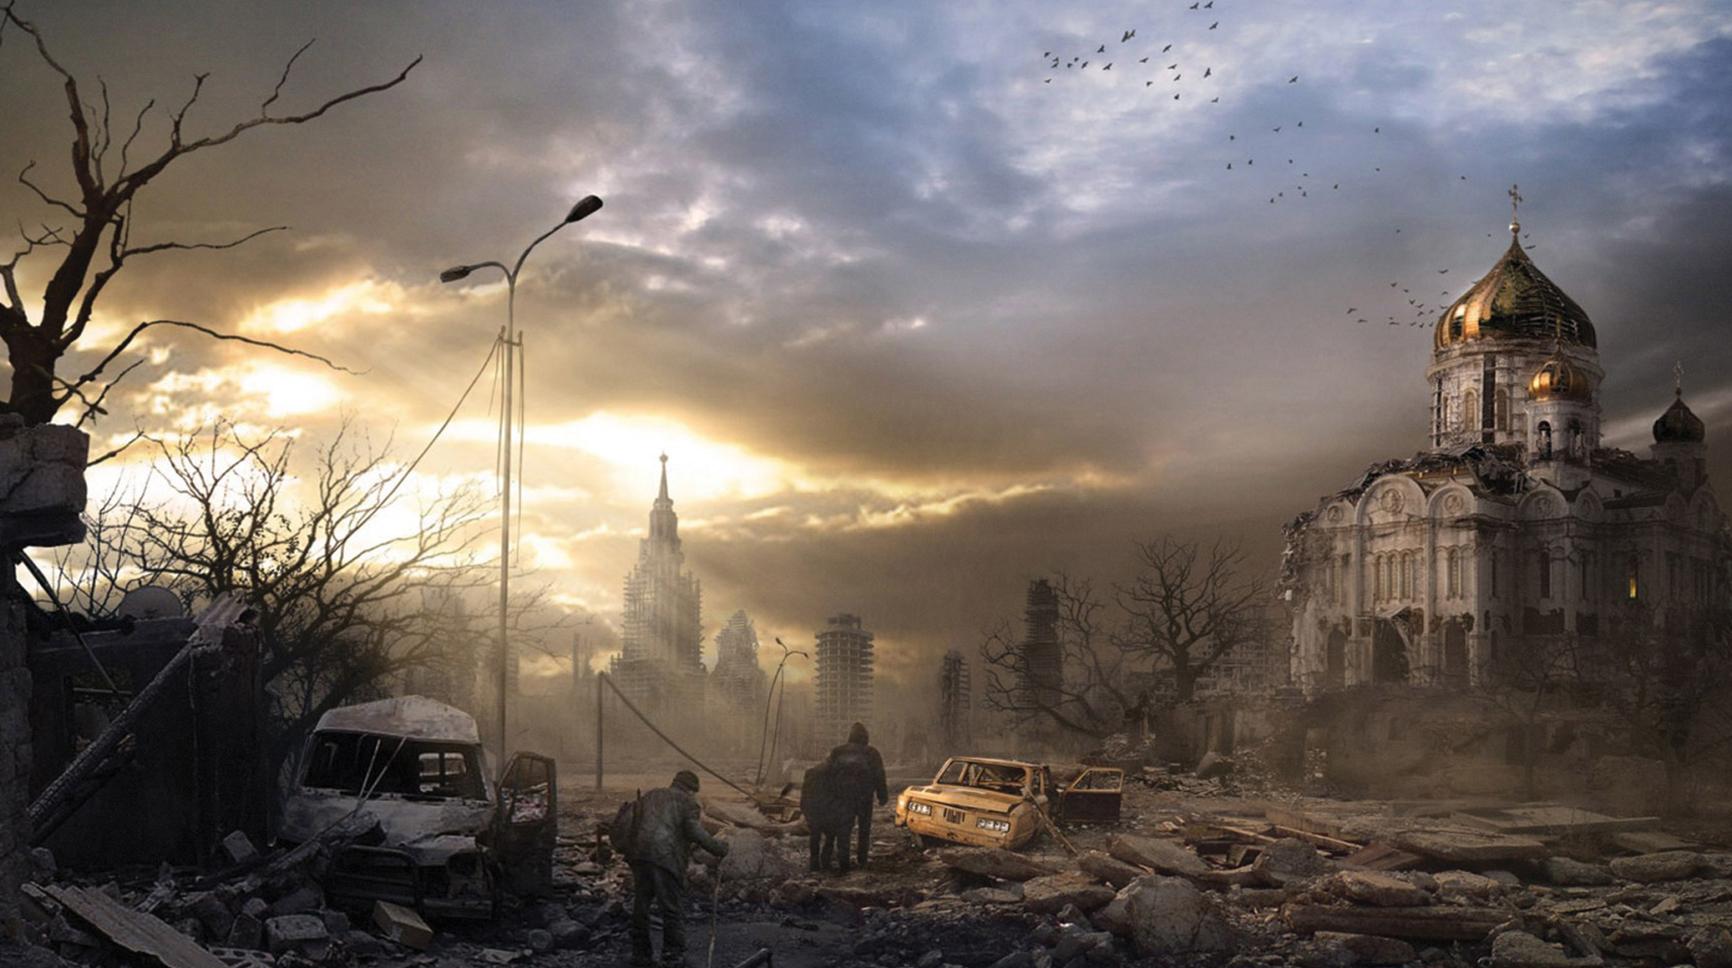 Préfèreriez-vous mourir plutôt que de survivre à une guerre nucléaire ? Nuclear-war-effect-city-wallpaper